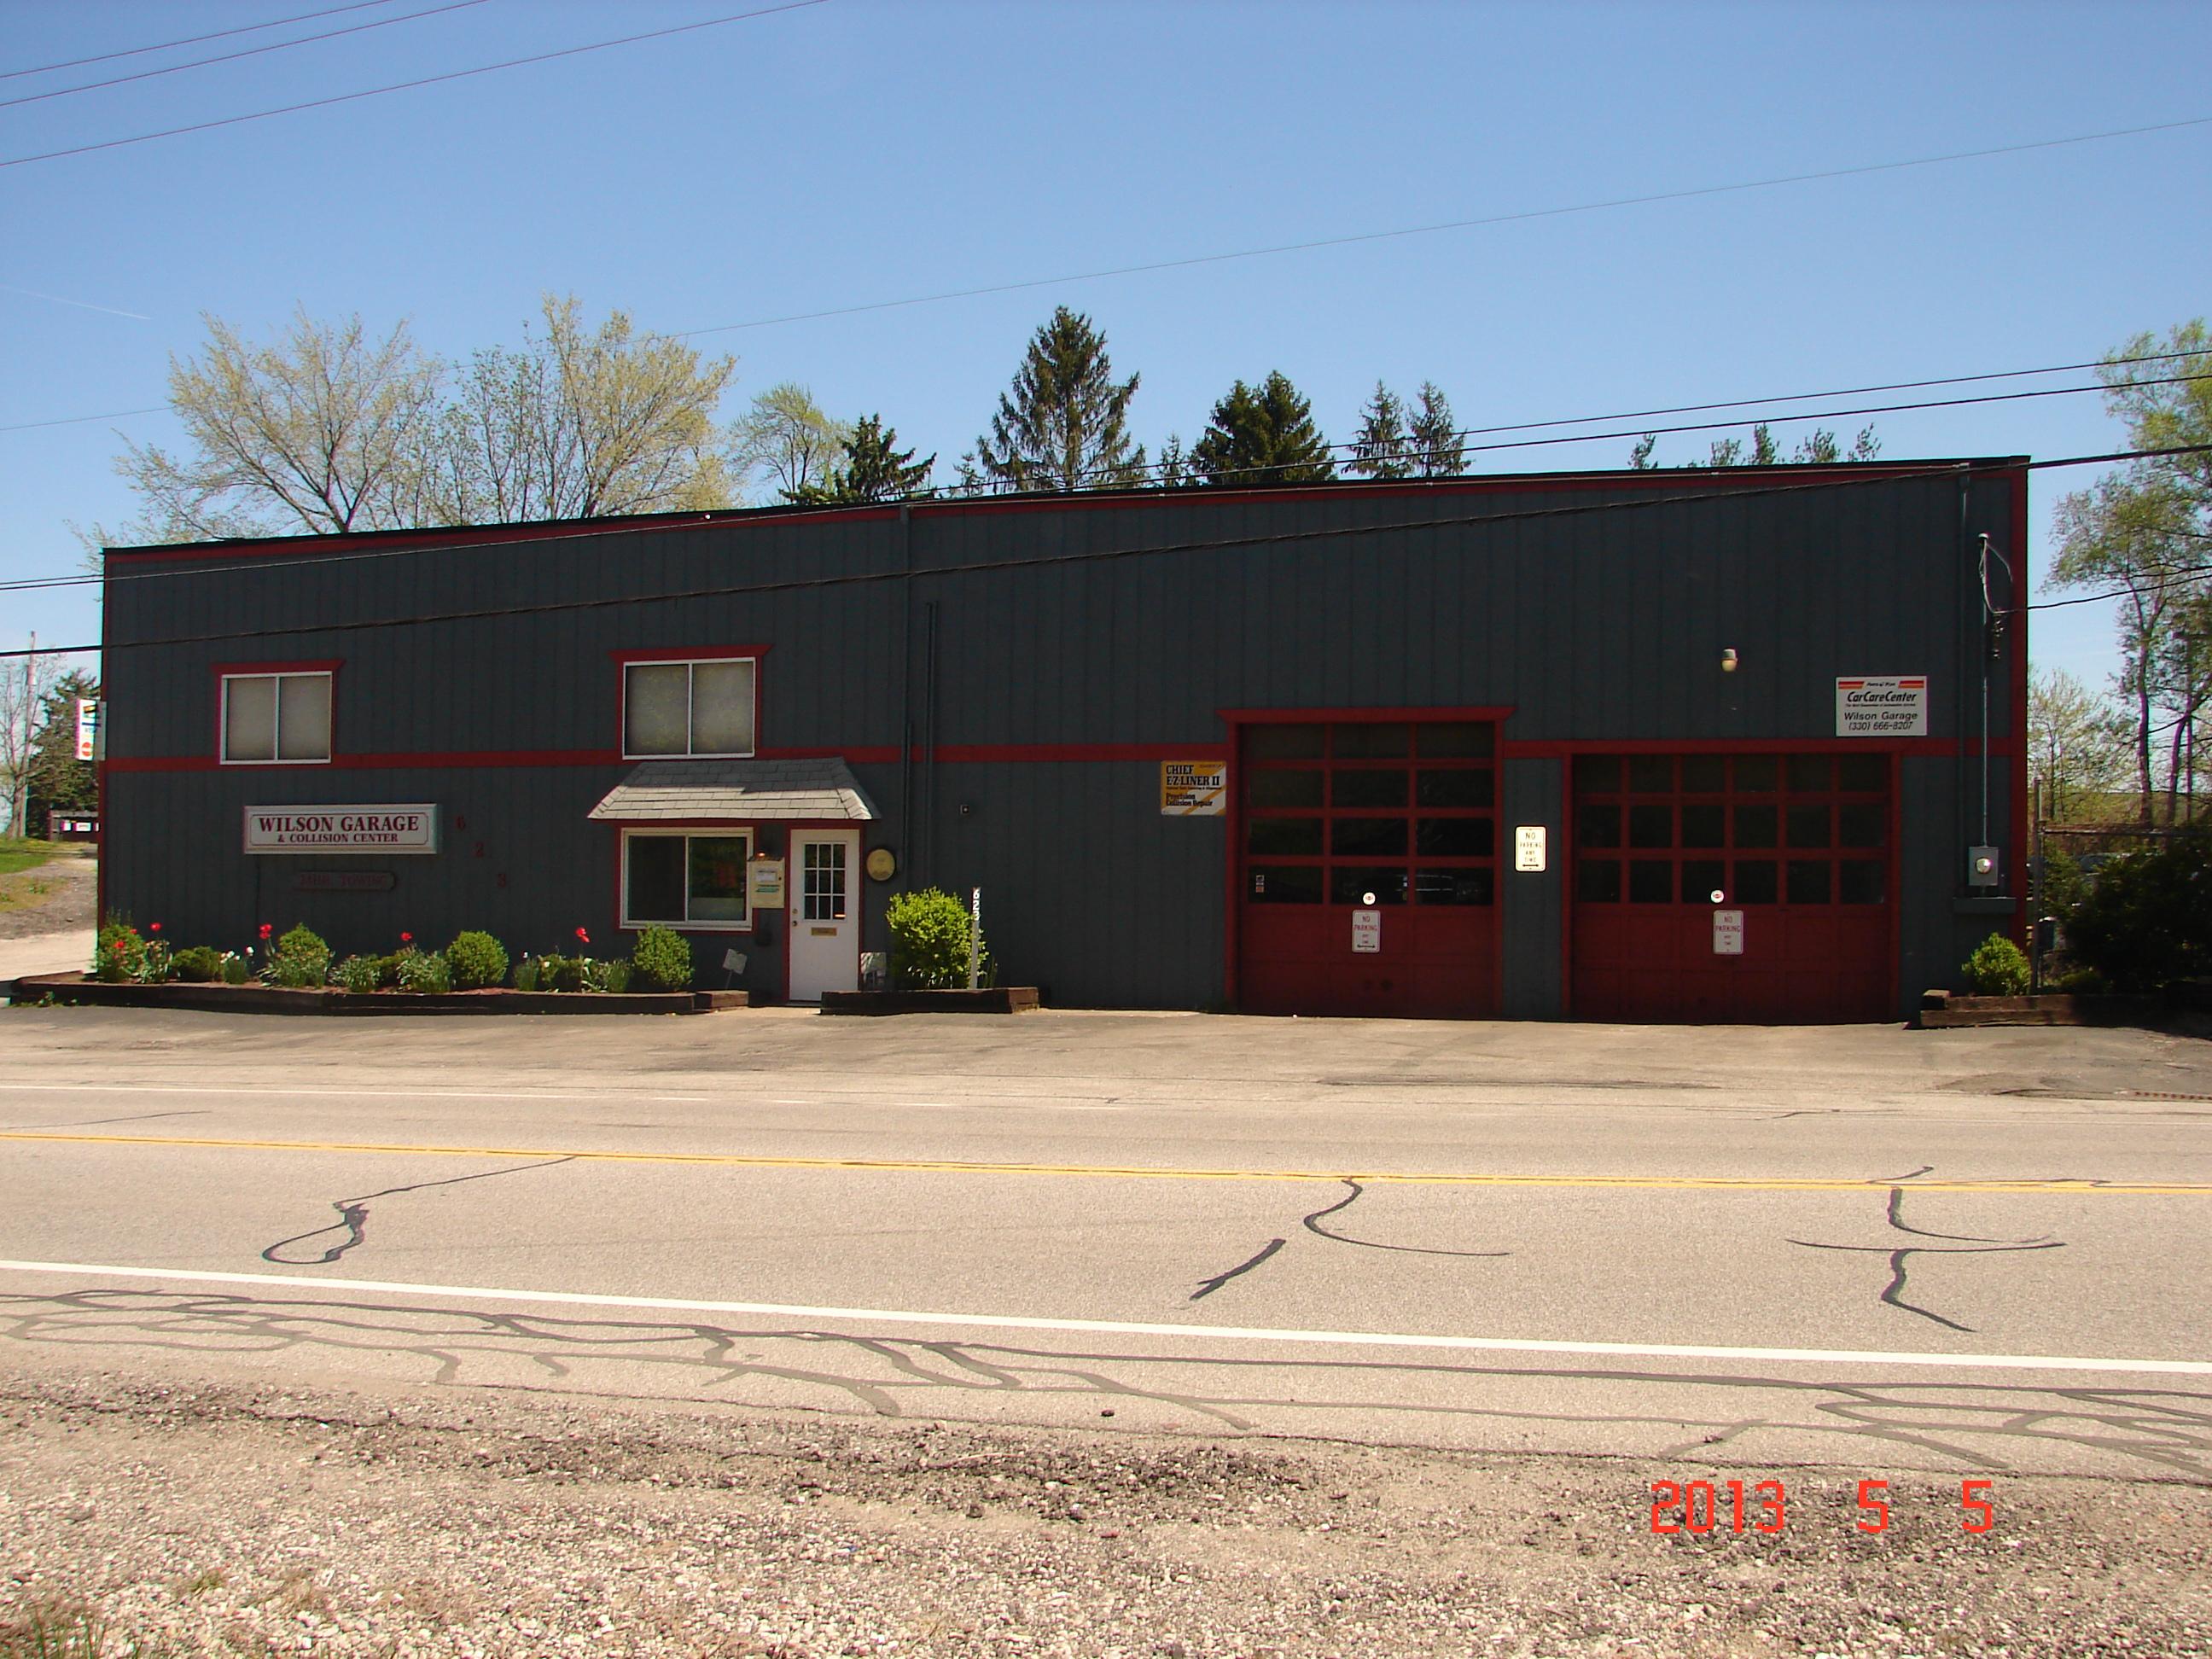 Wilson's Garage & Collision Inc.